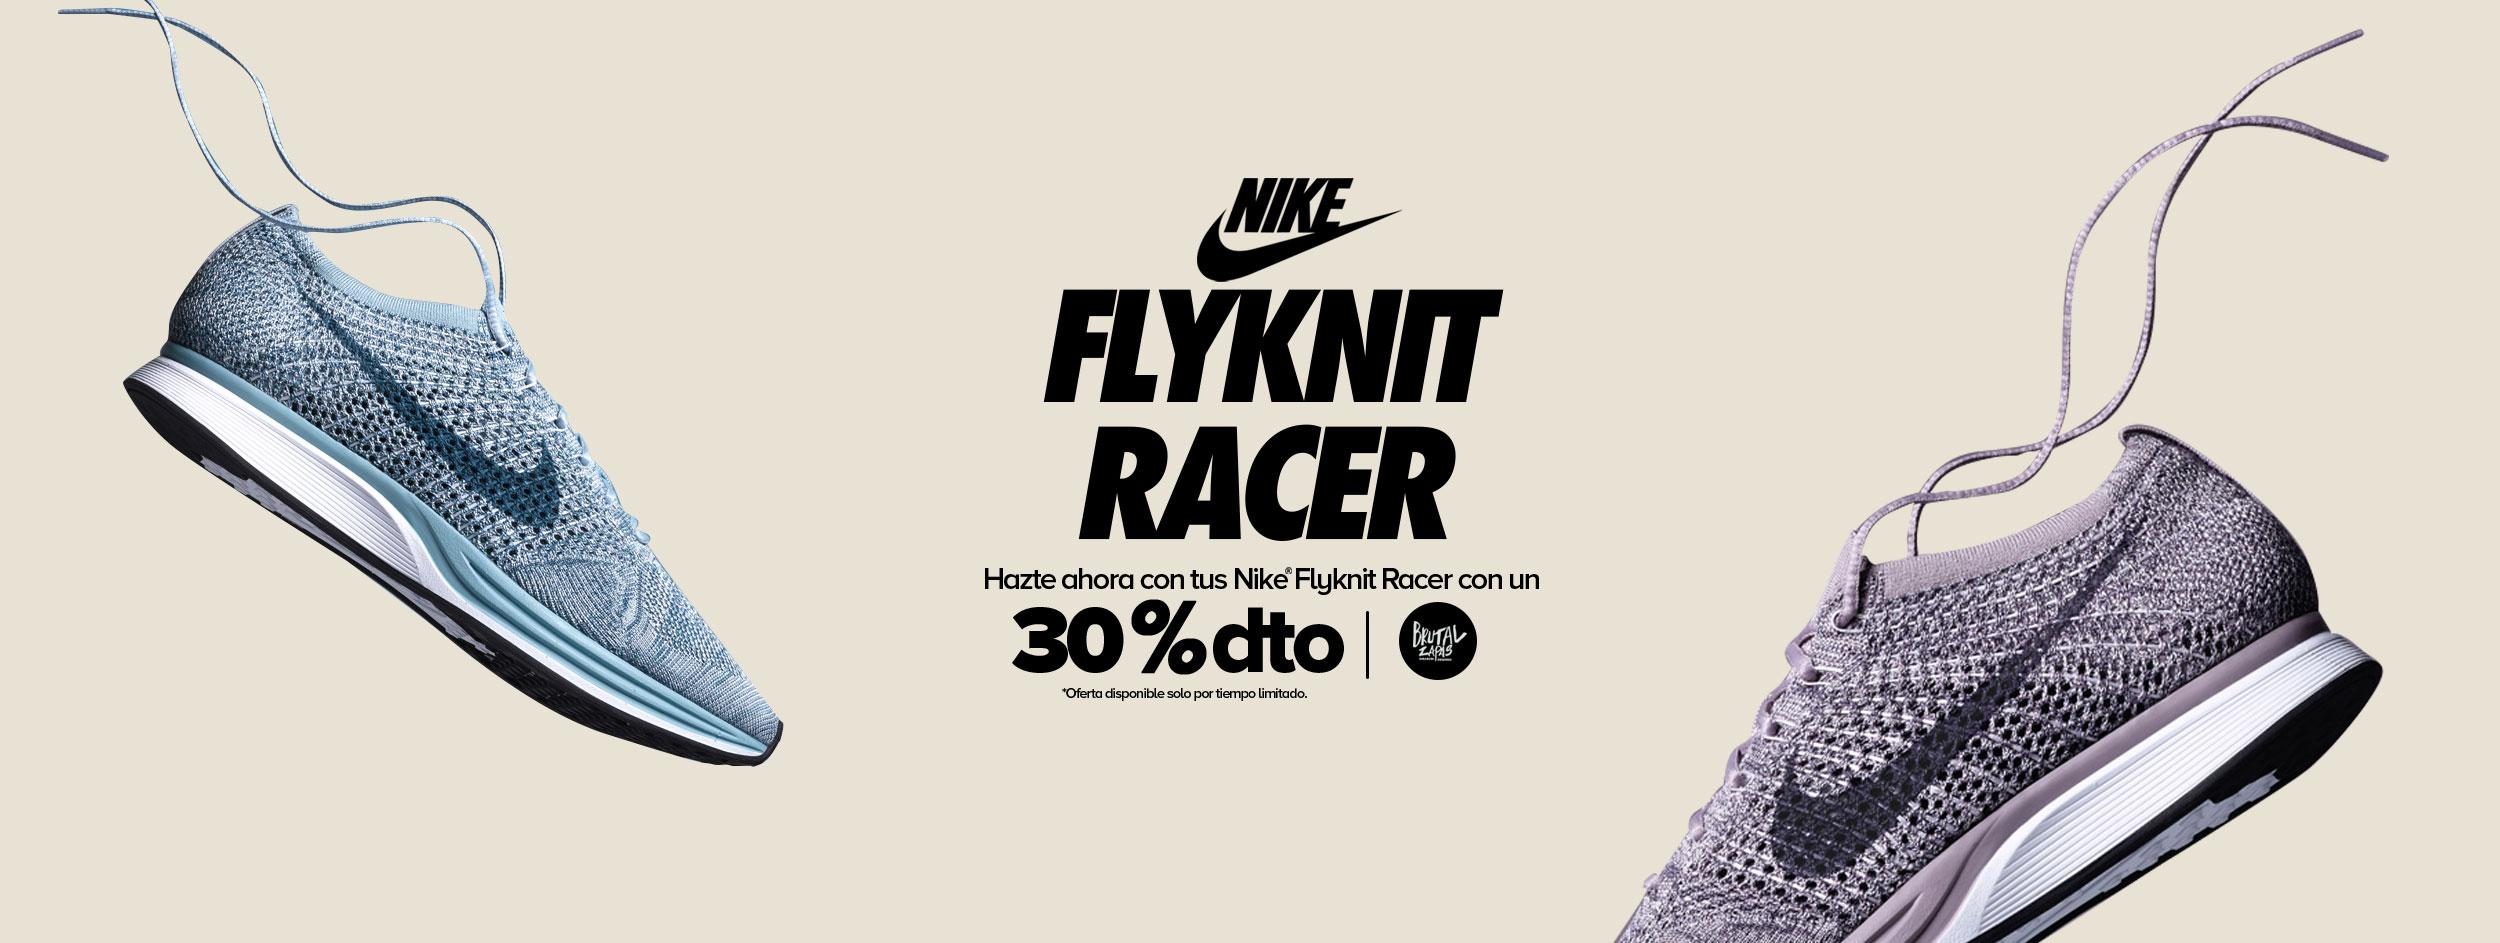 NIKE RACER 30% DCTO